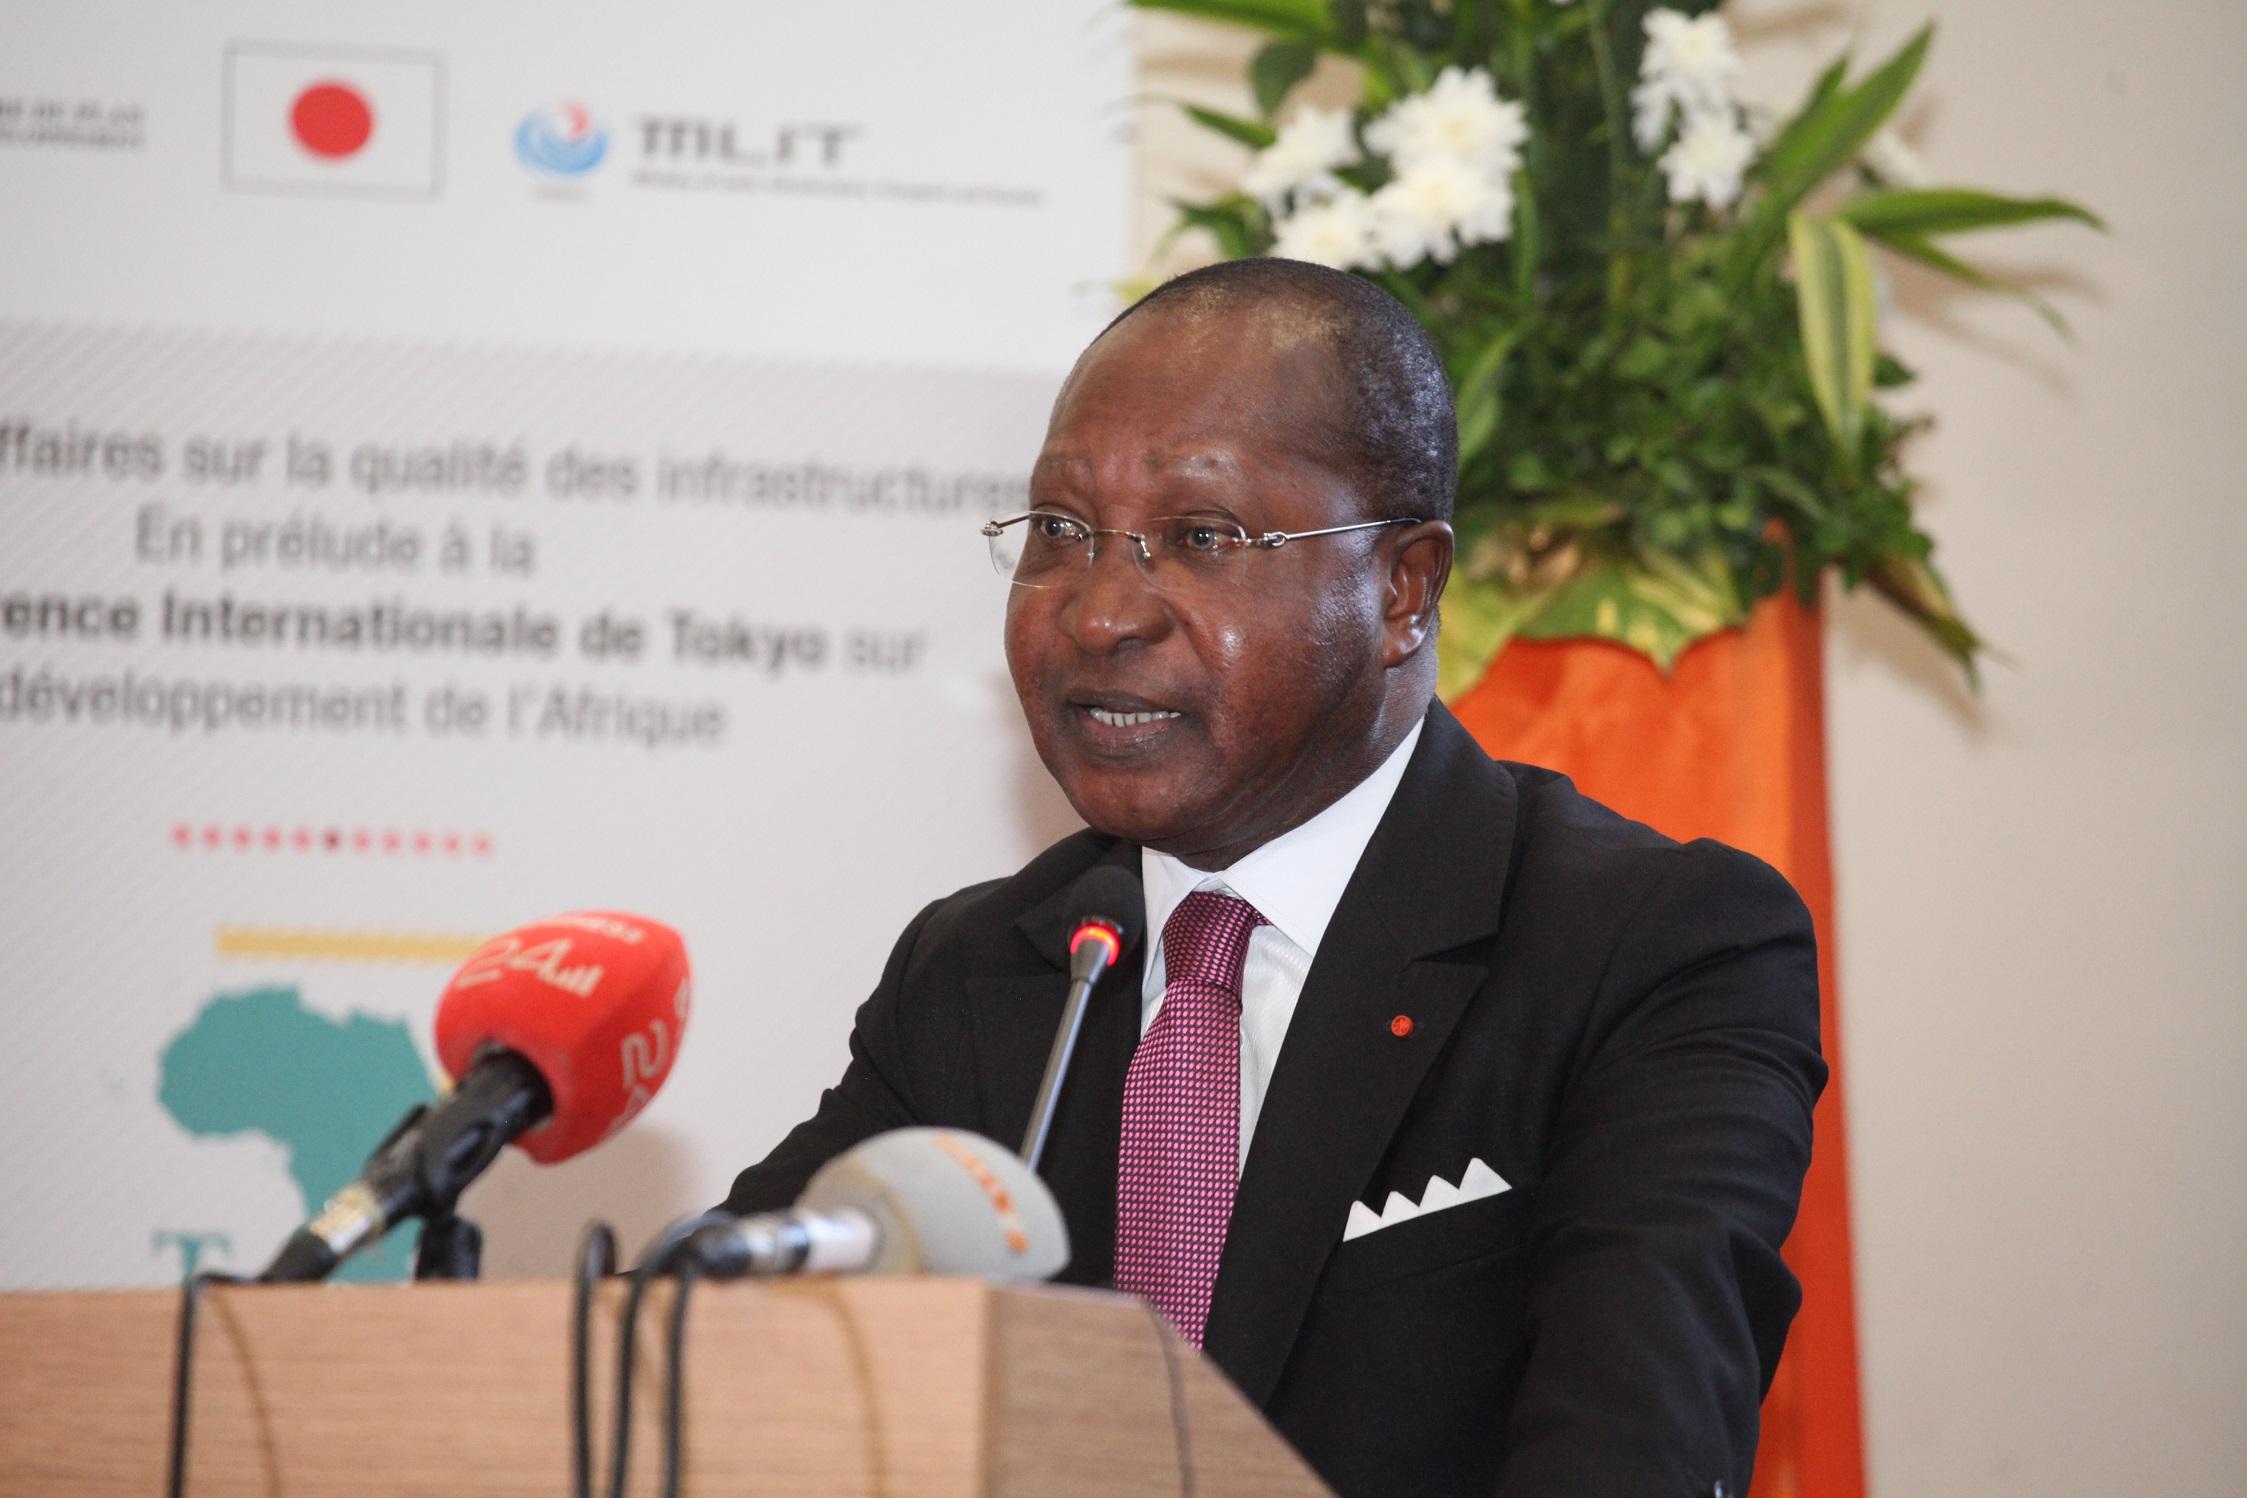 En prélude à la TICAD 7 au Japon : La qualité des infrastructures discutée à Abidjan devant un parterre de personnalités du monde des affaires et politique